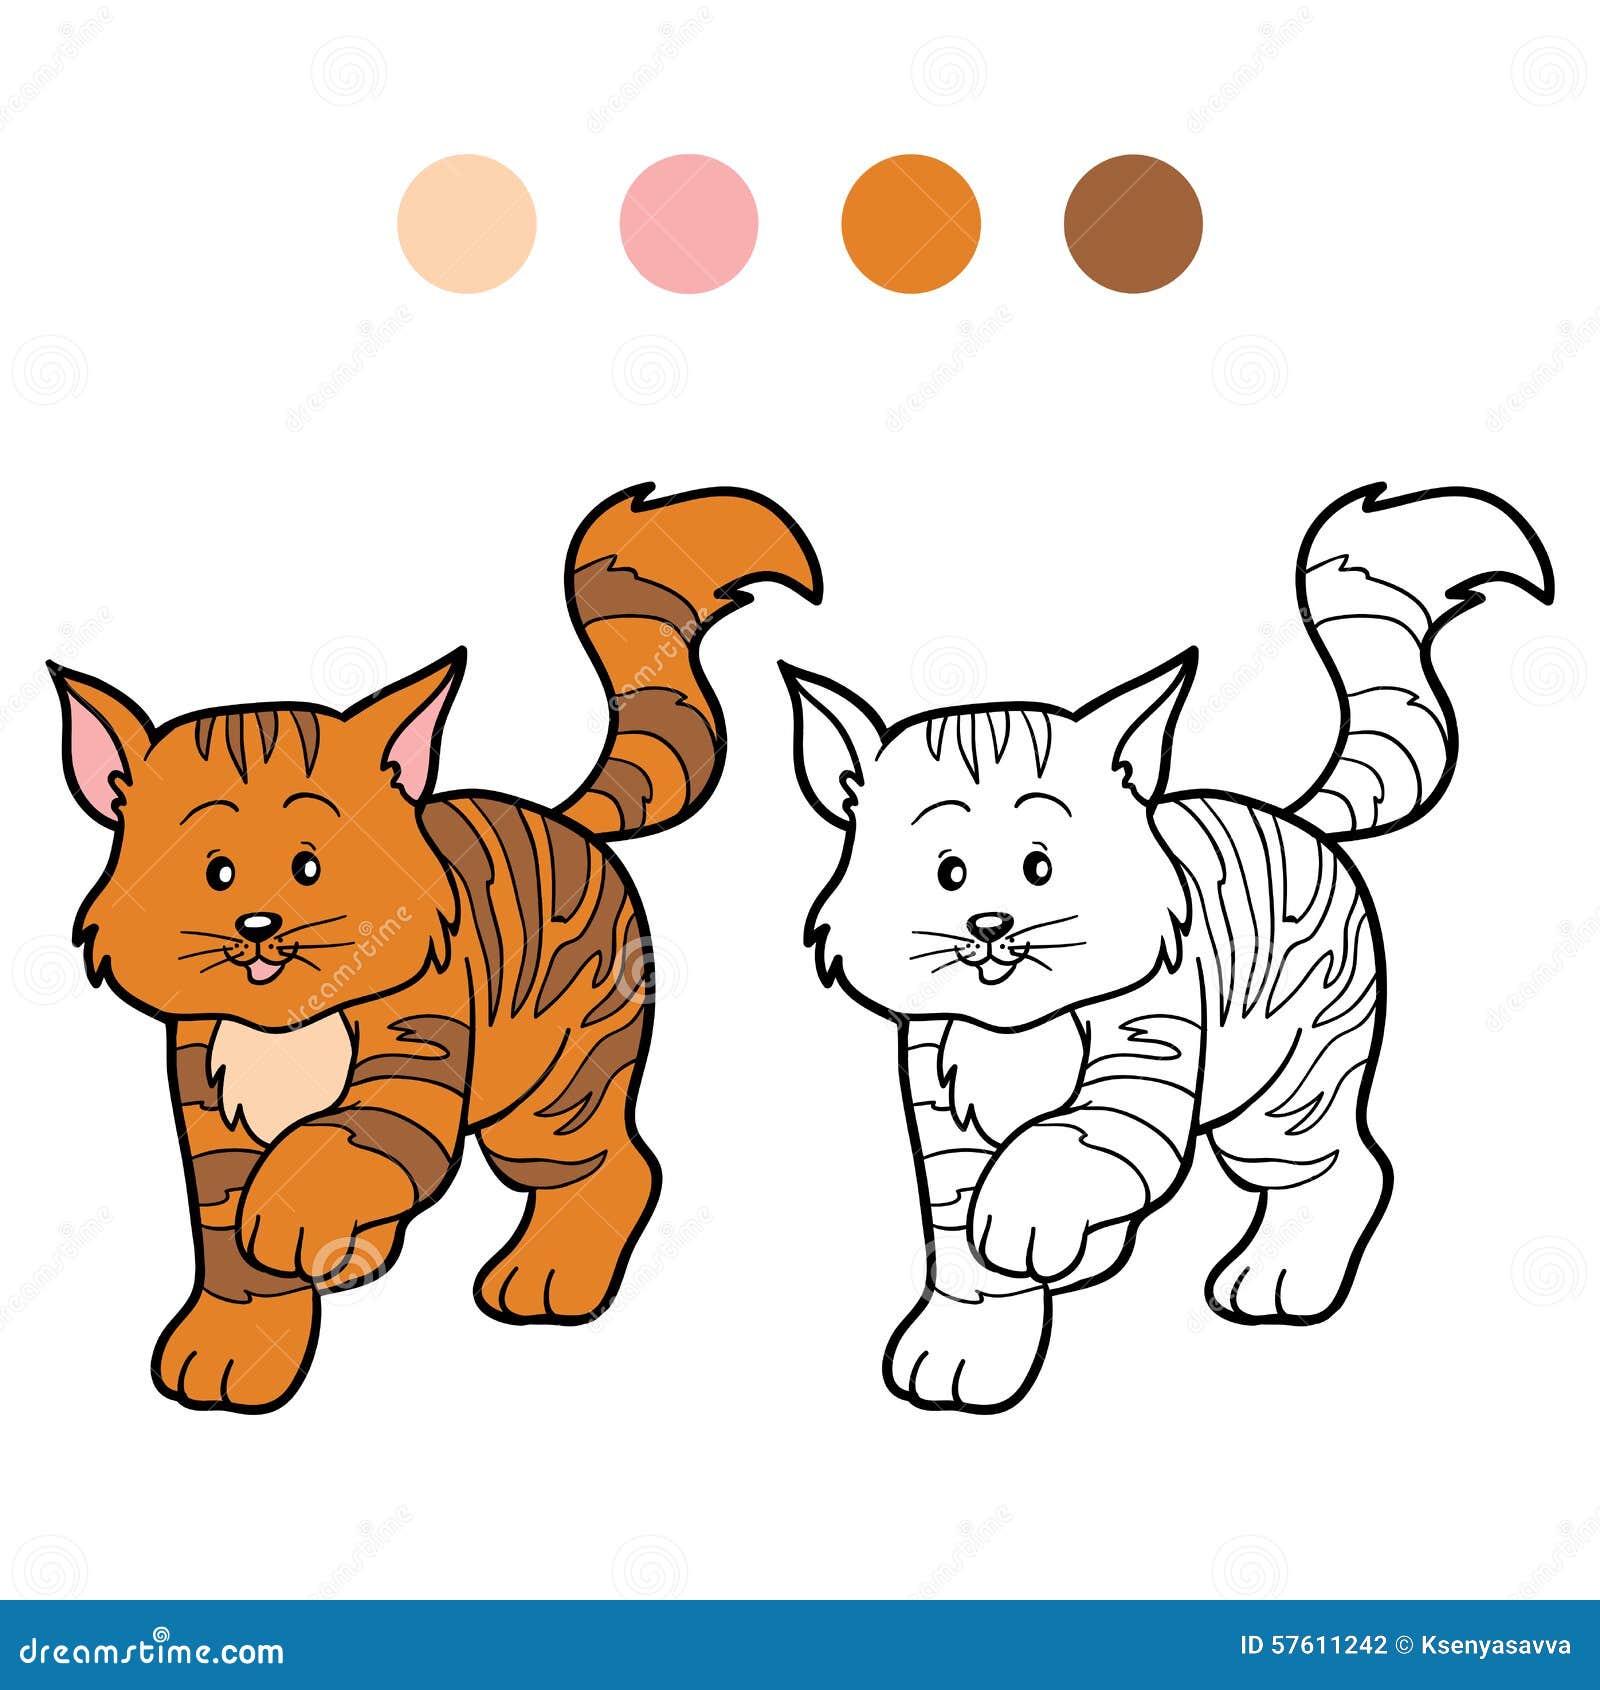 Coloriage Chat Raye.Livre De Coloriage Pour Des Enfants Chat Raye Illustration De